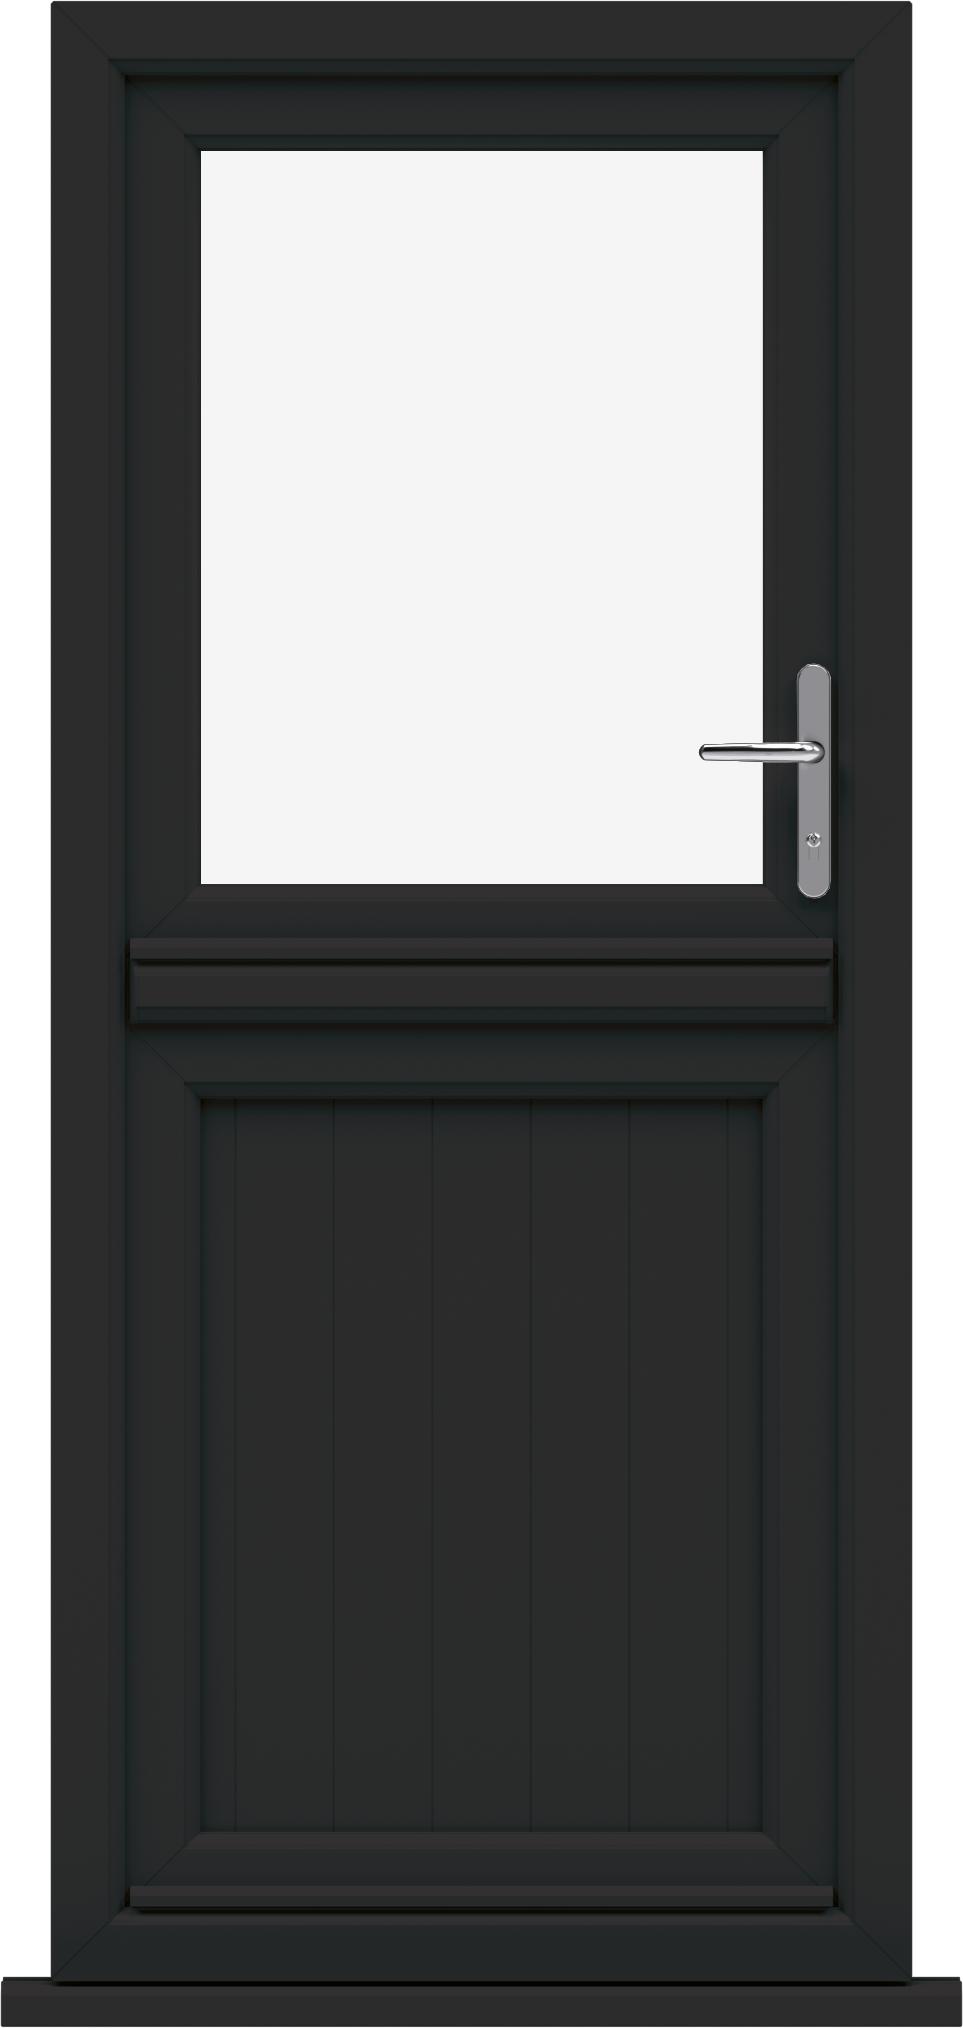 exterior door with side window